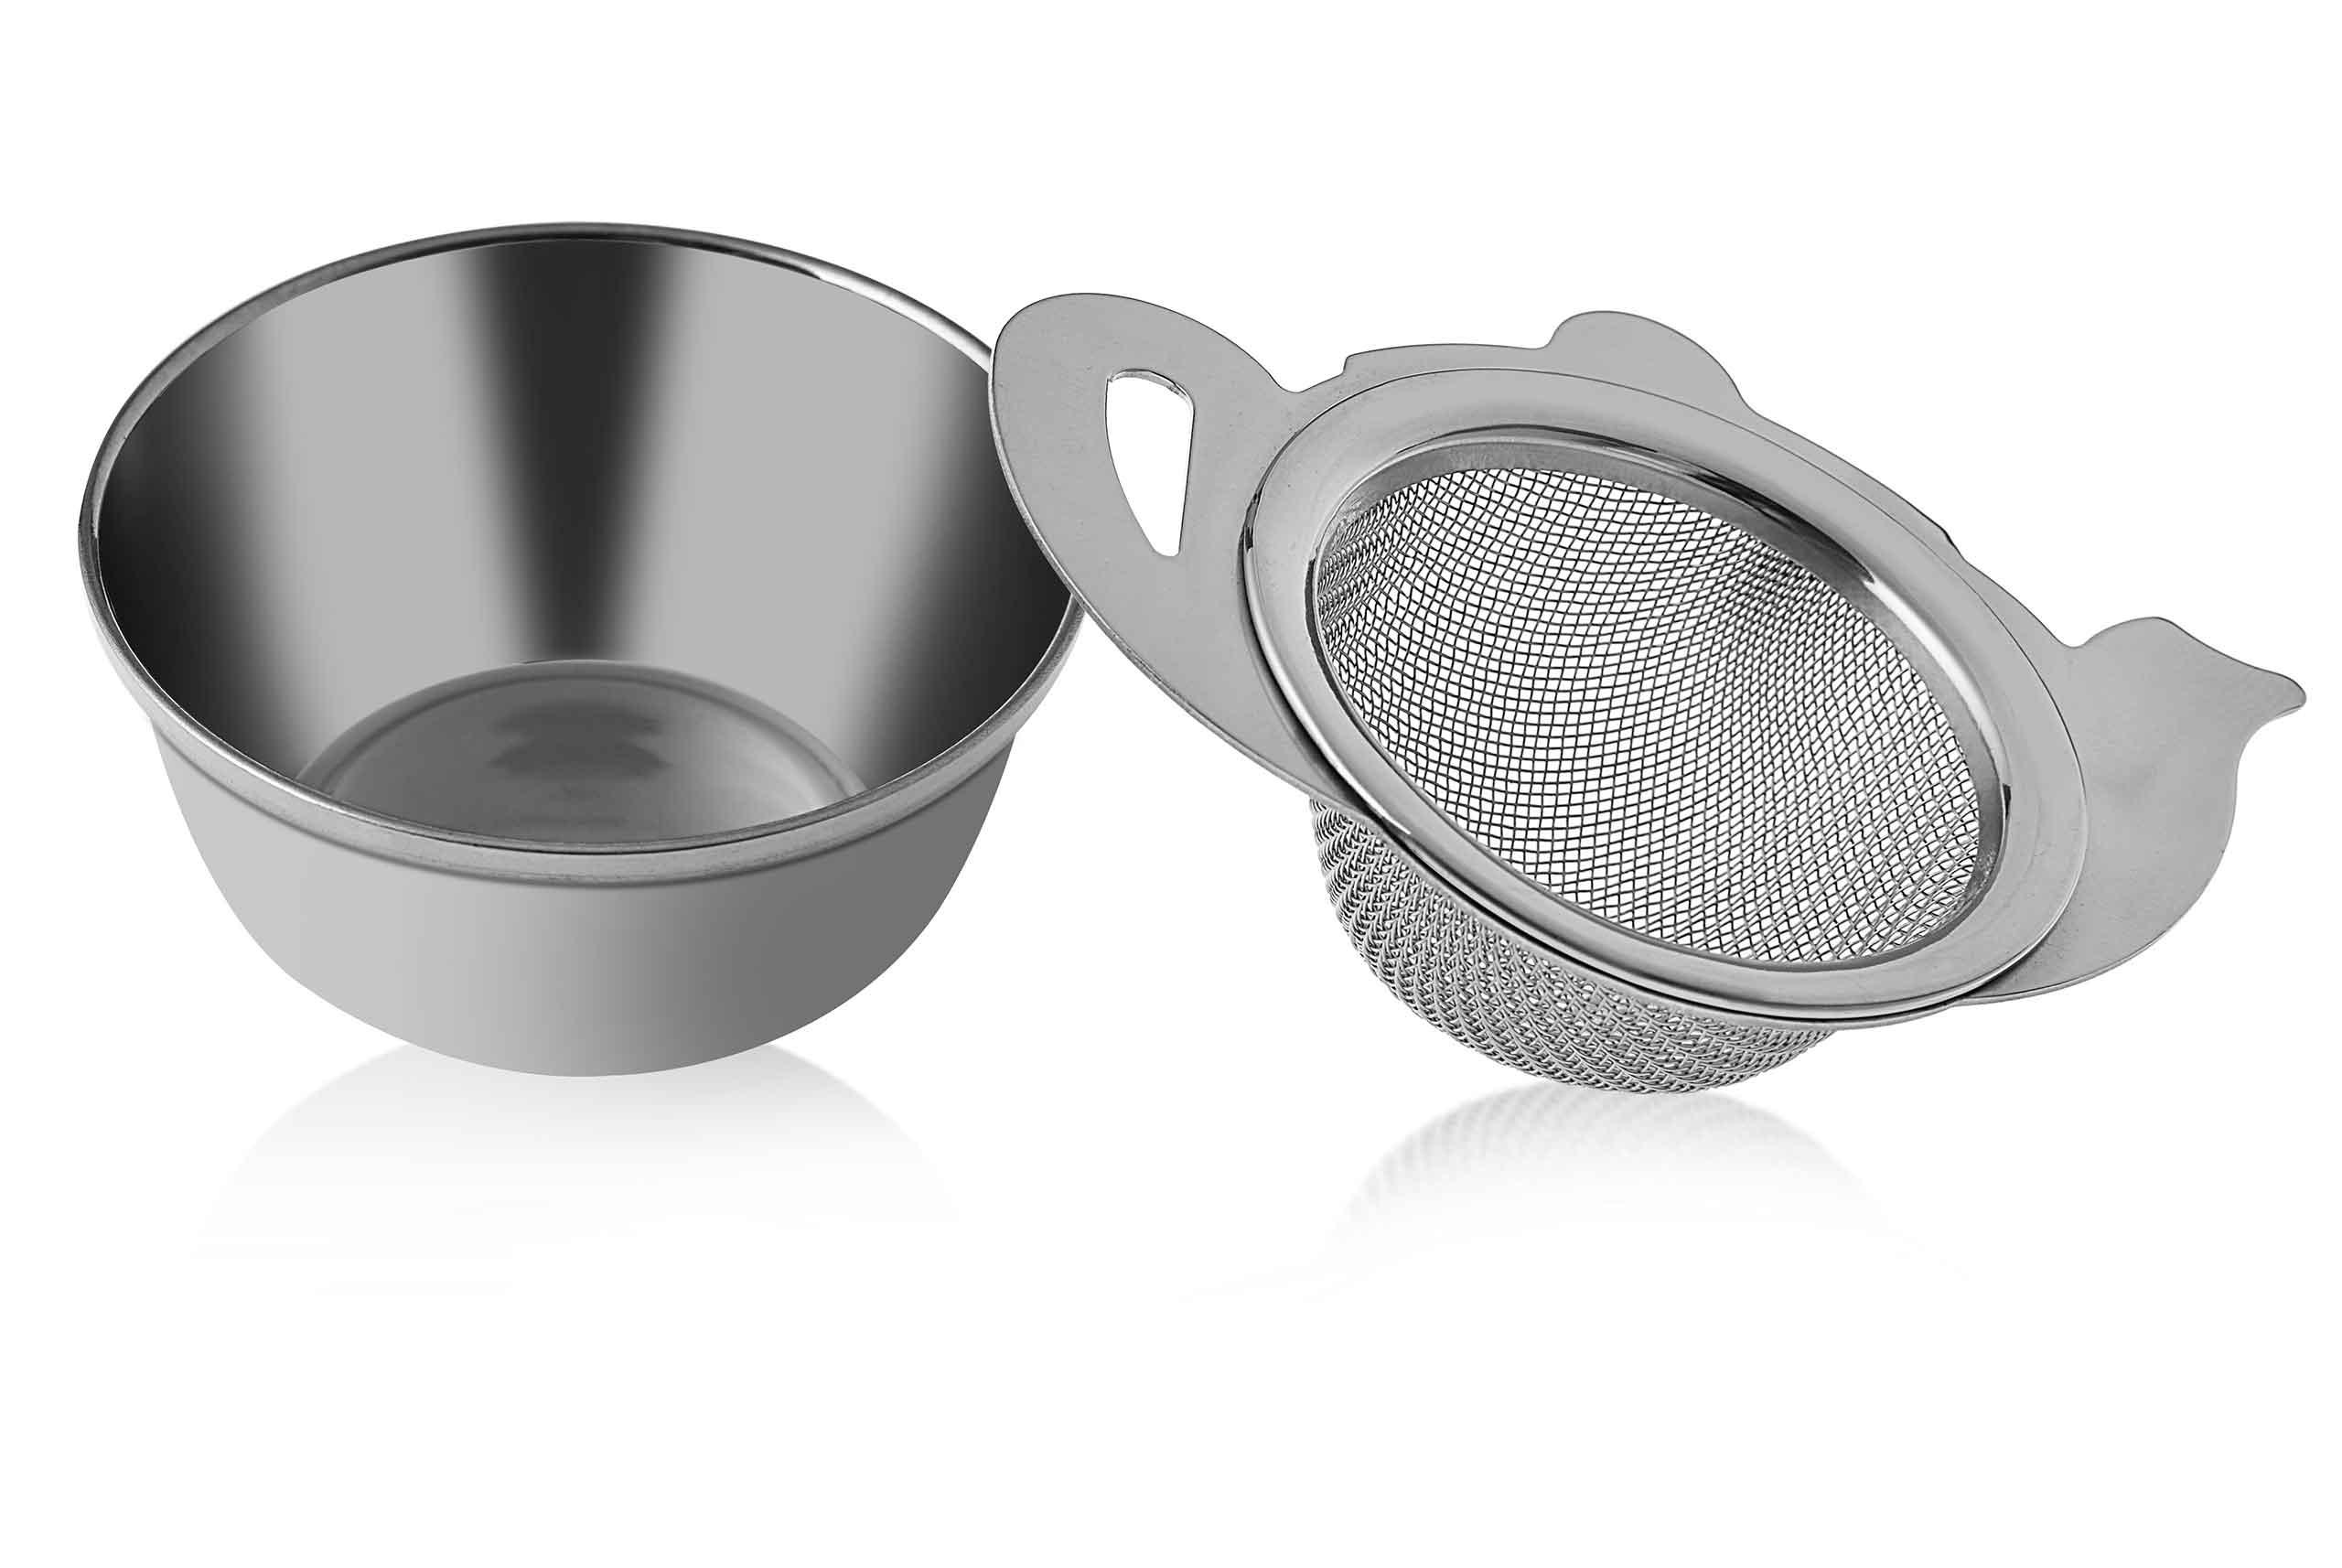 Cup tea Strainer